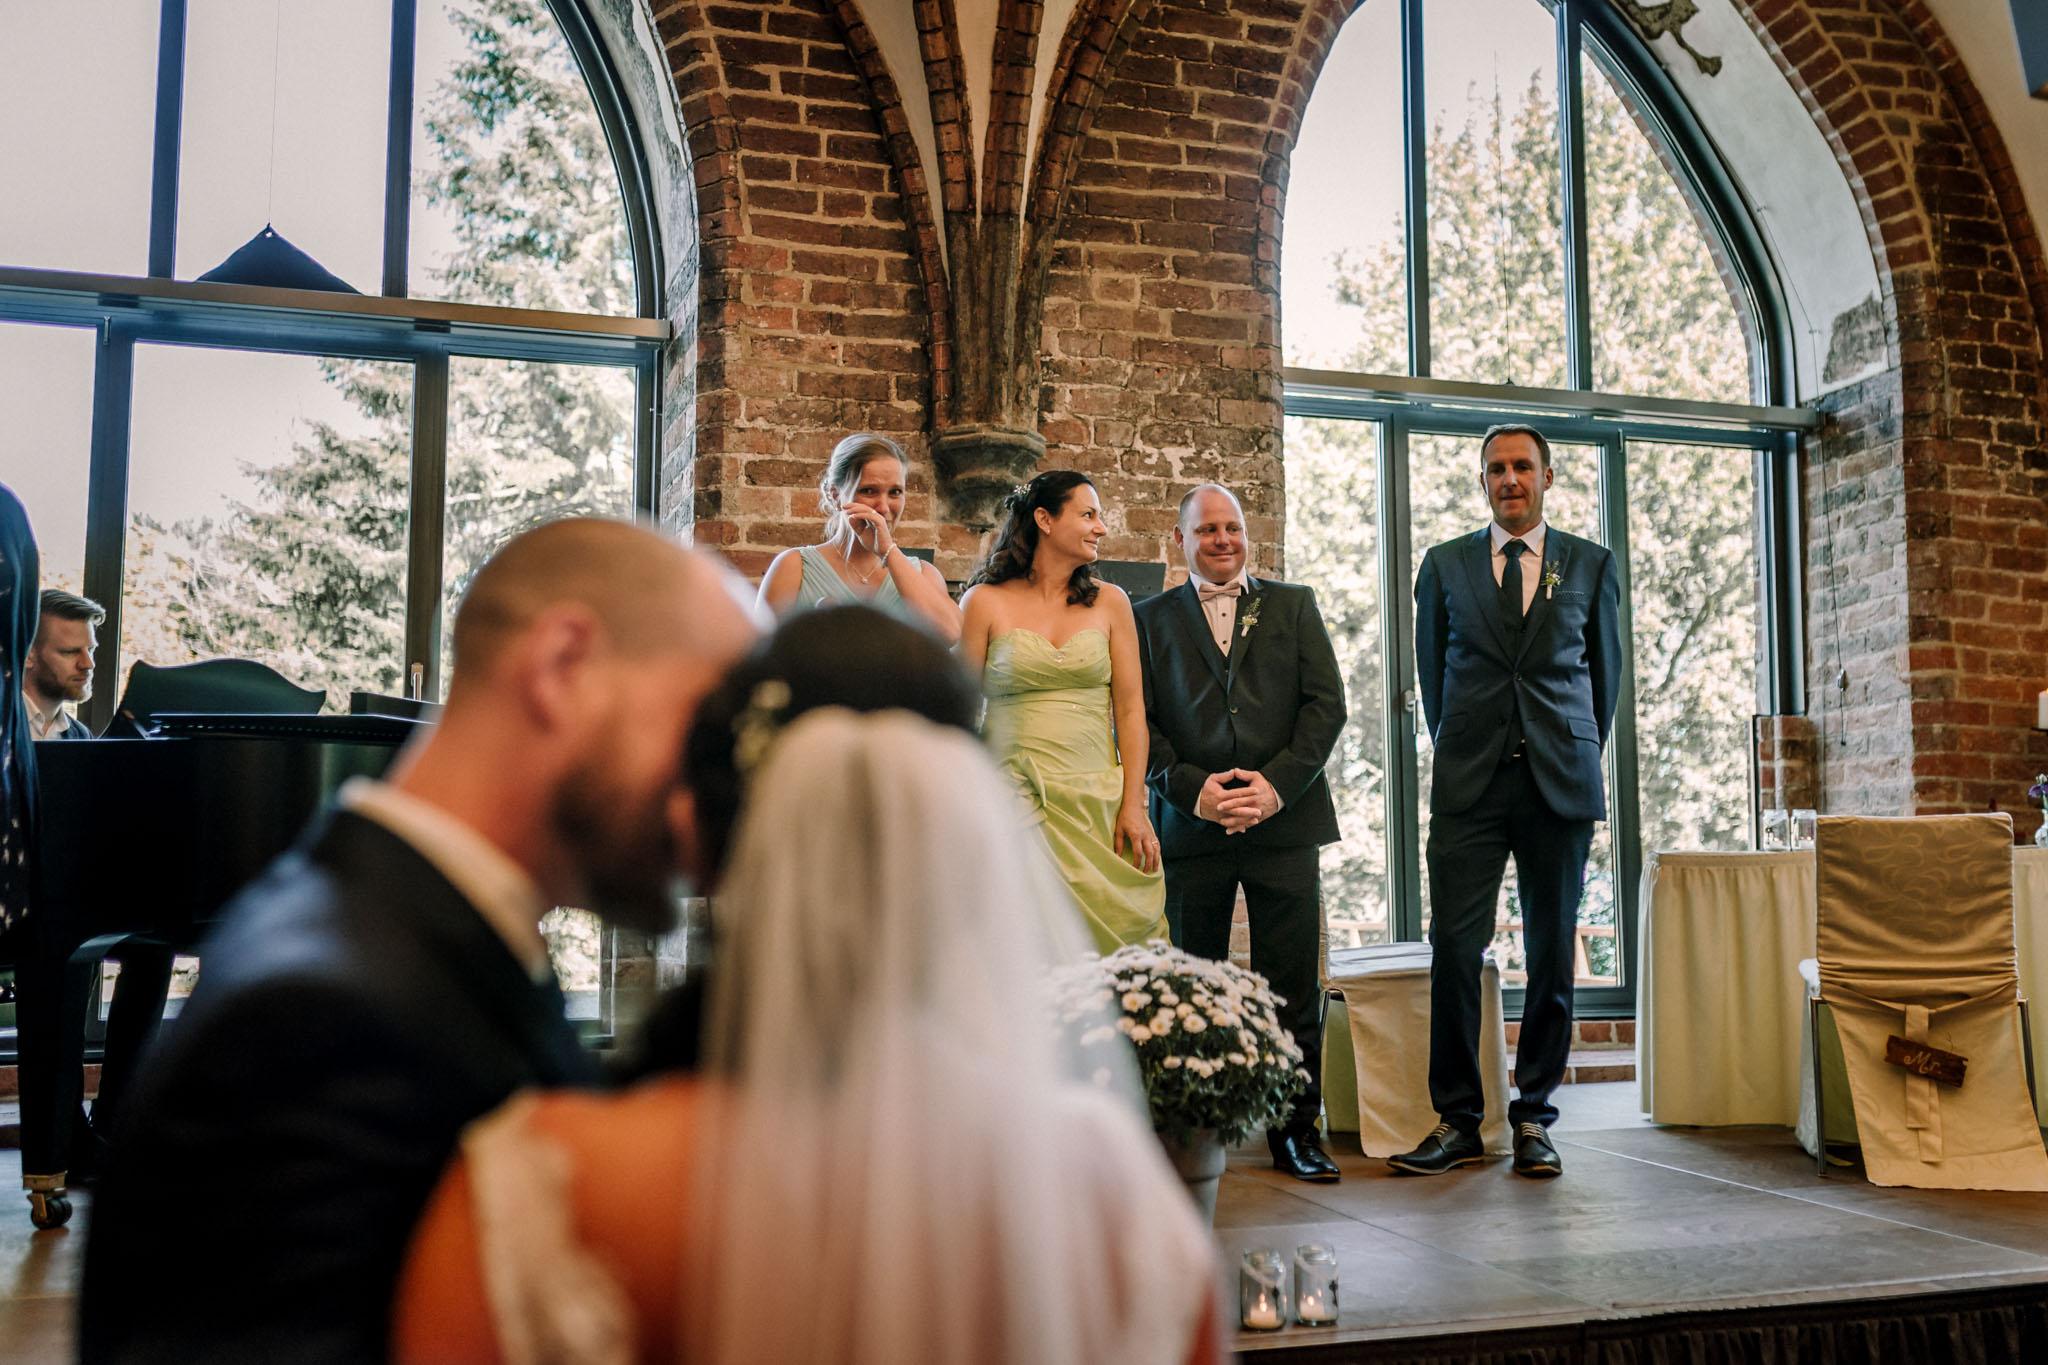 Hochzeitsfieber by Photo-Schomburg, Hochzeitsfotograf, Hamburg,Hochzeitstag, Hochzeitspaar, Braut, Bräutigam, Literaturhauscafe Zarrentin-22